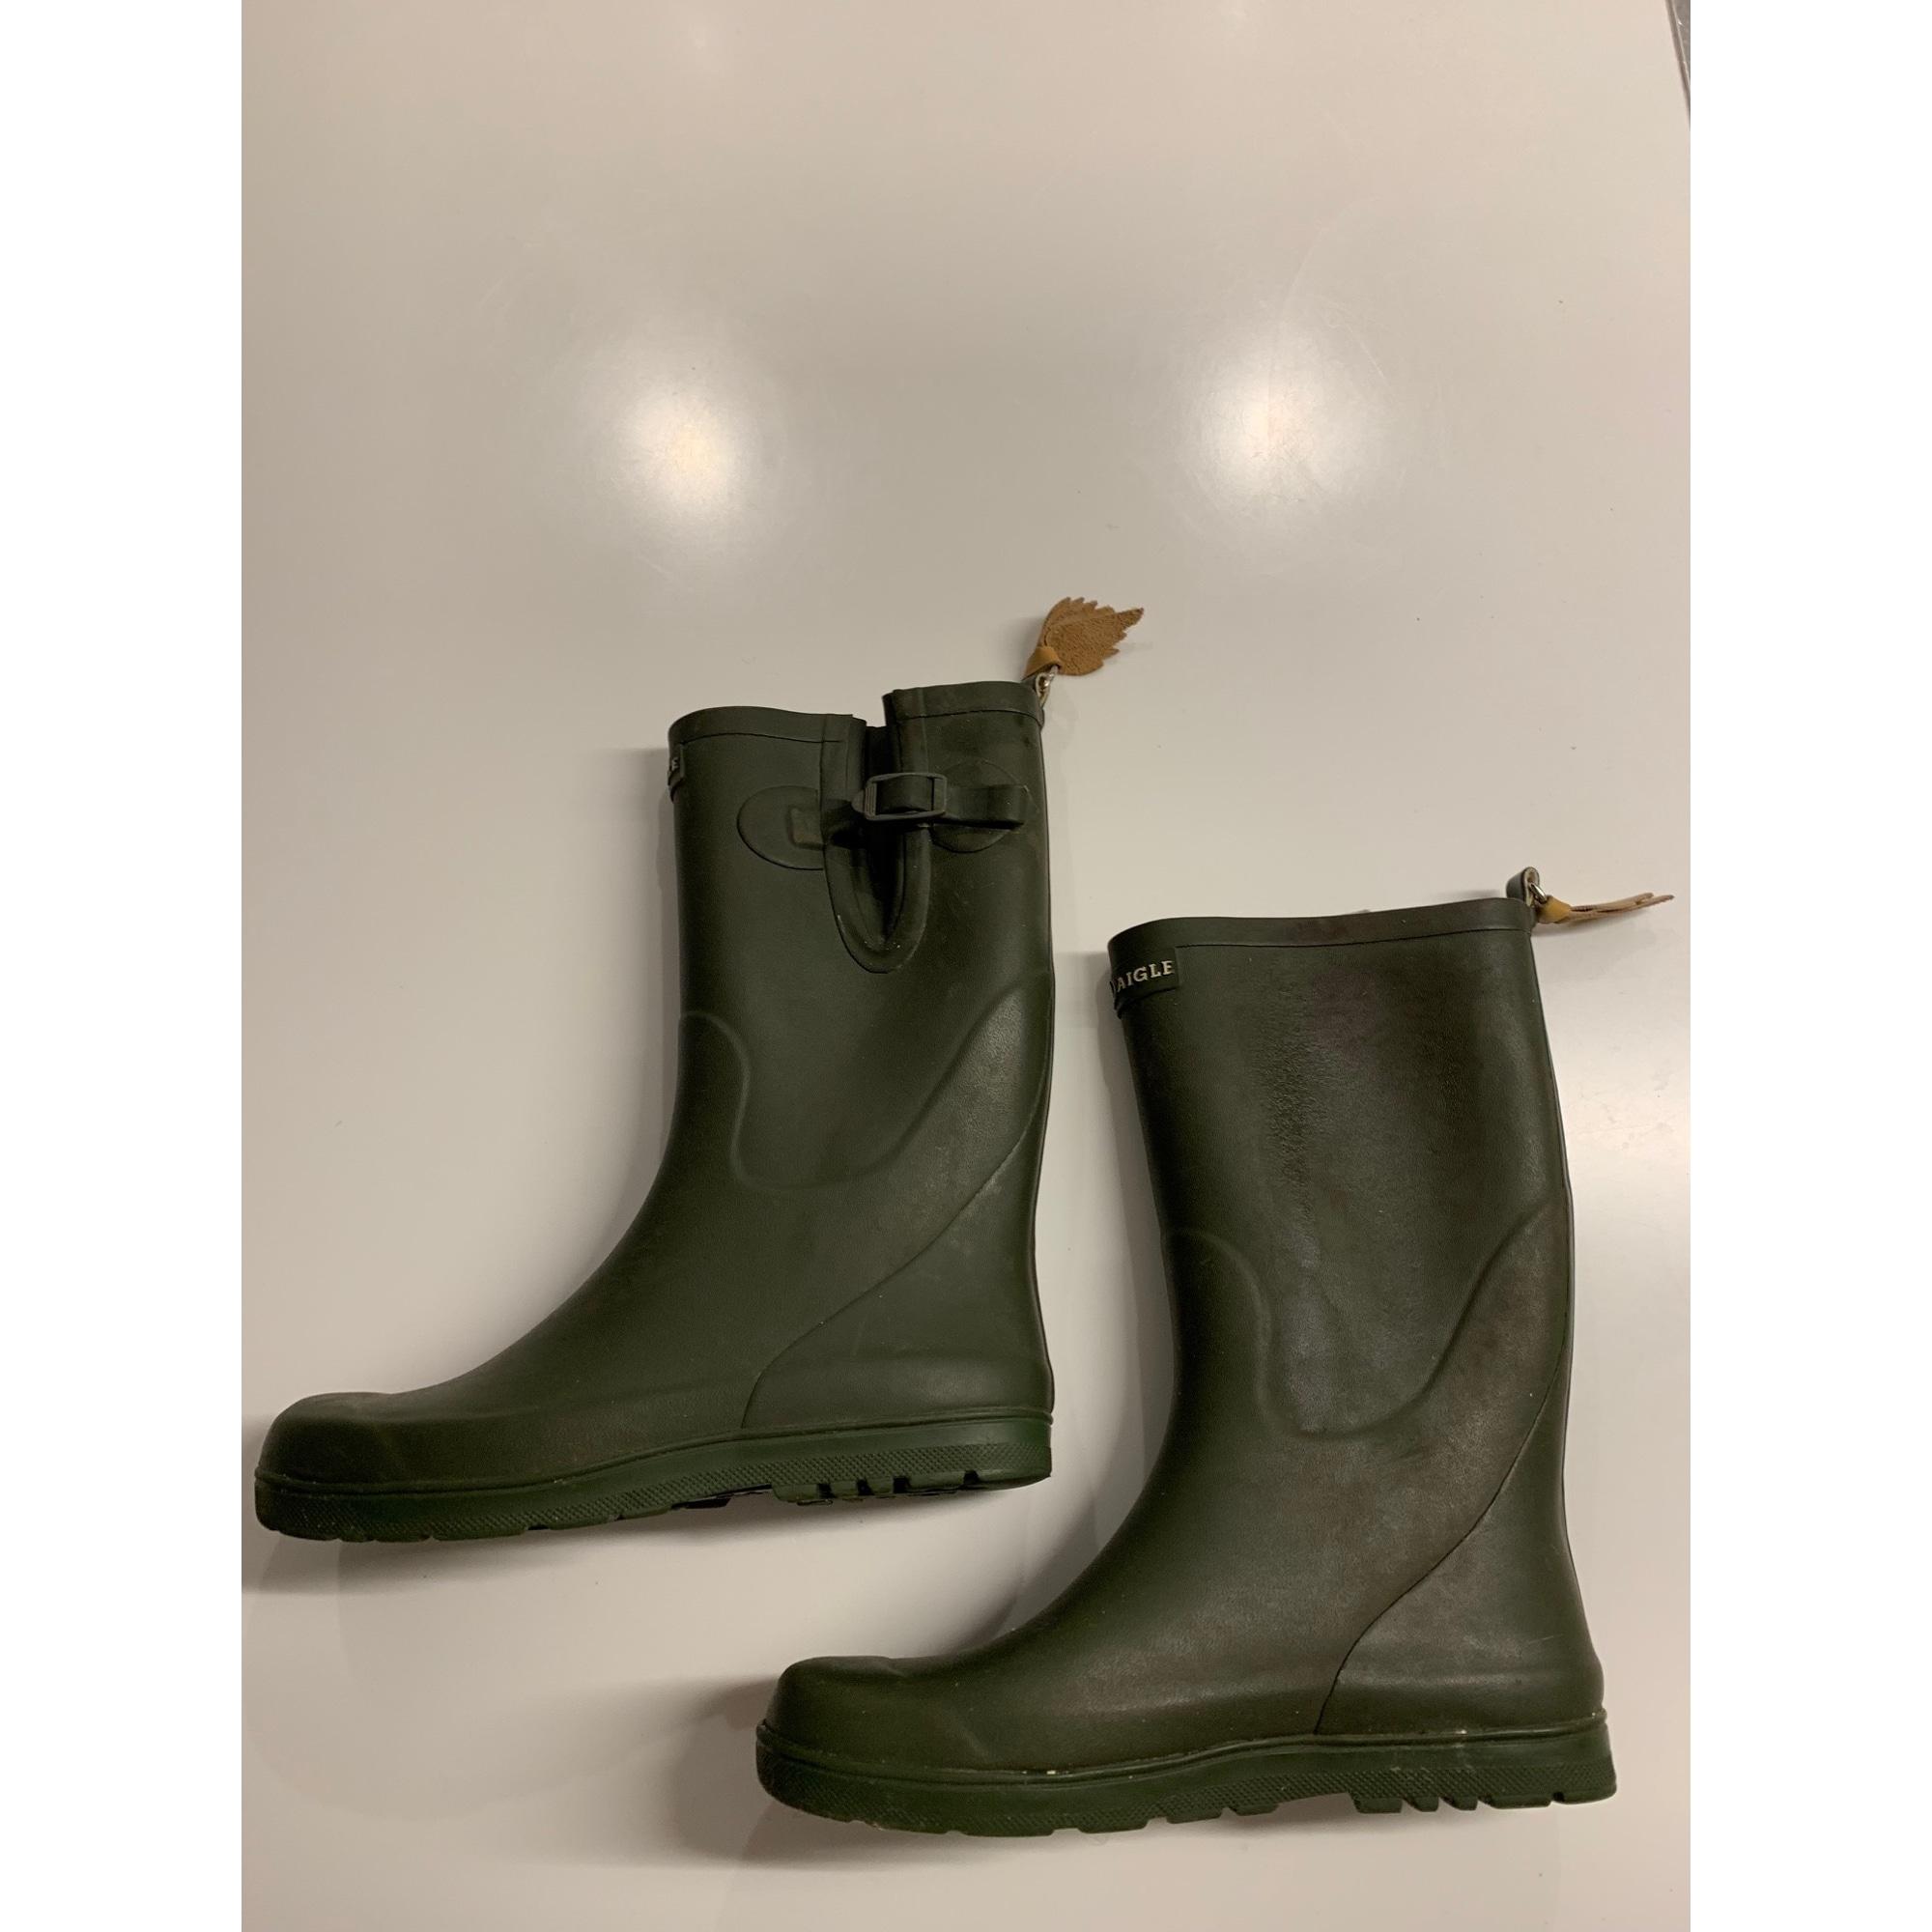 Bottes de pluie AIGLE caoutchouc kaki 35